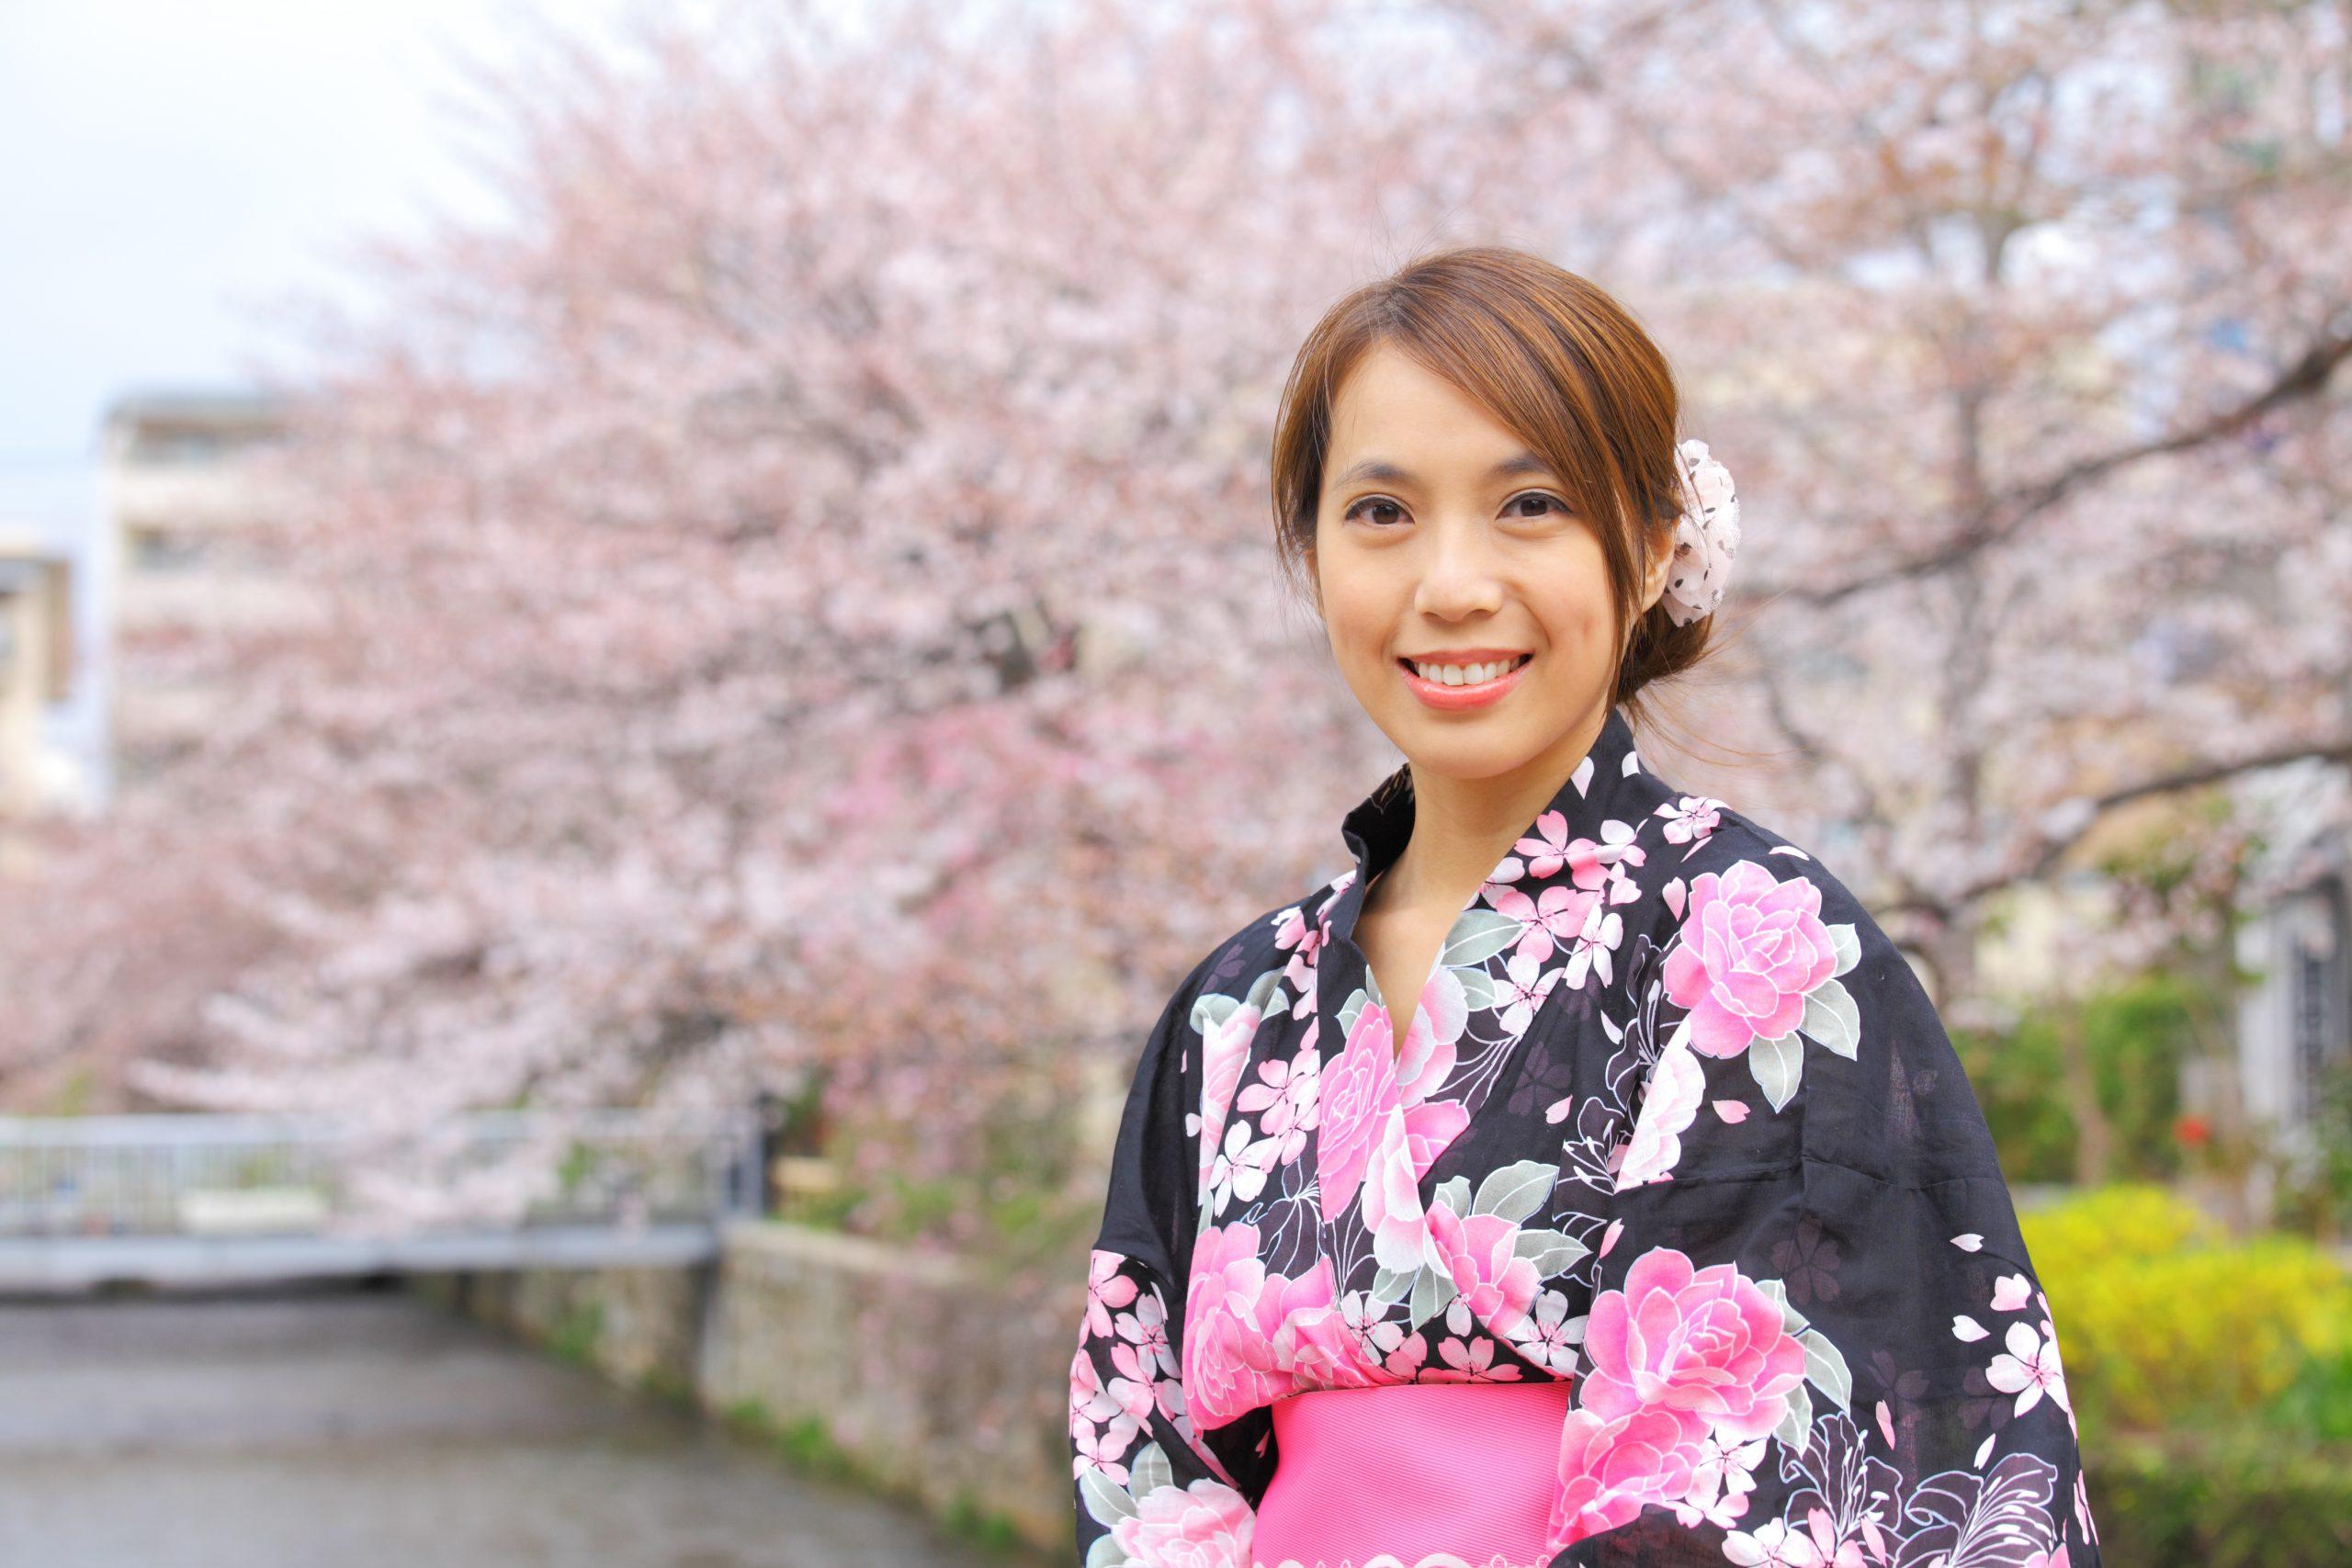 femme au japon cerisiers en fleur